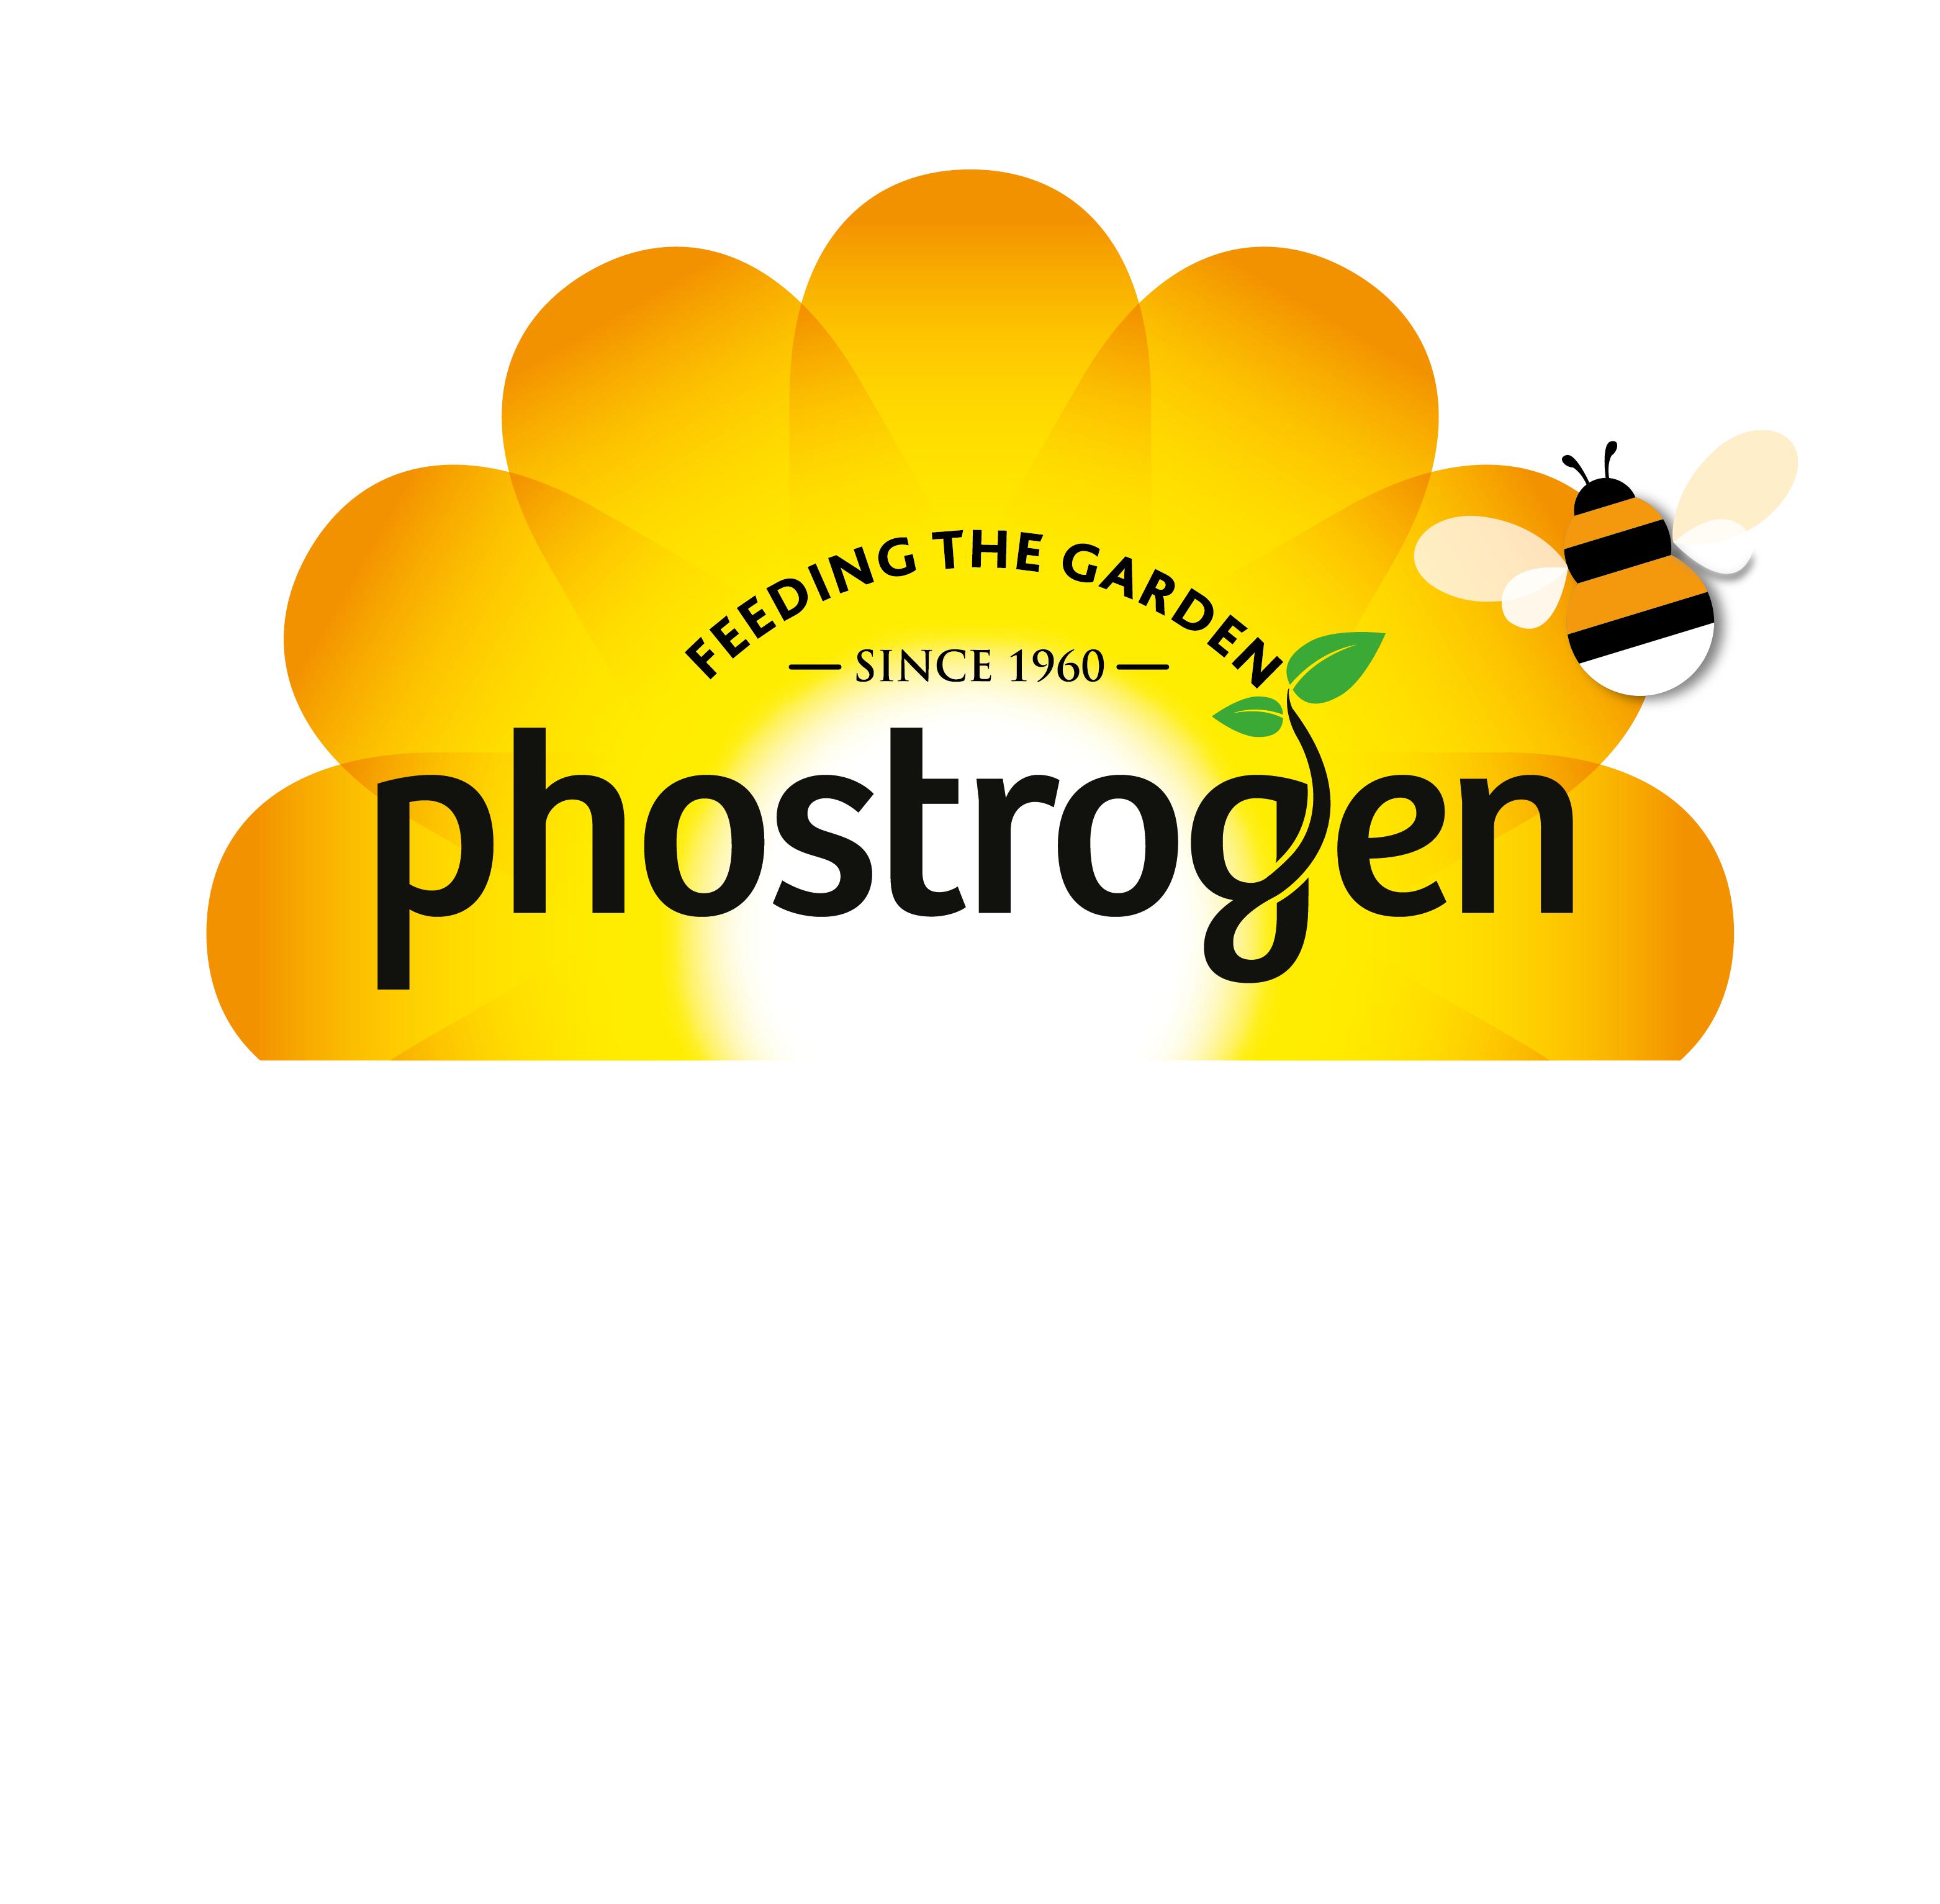 Phostrogen